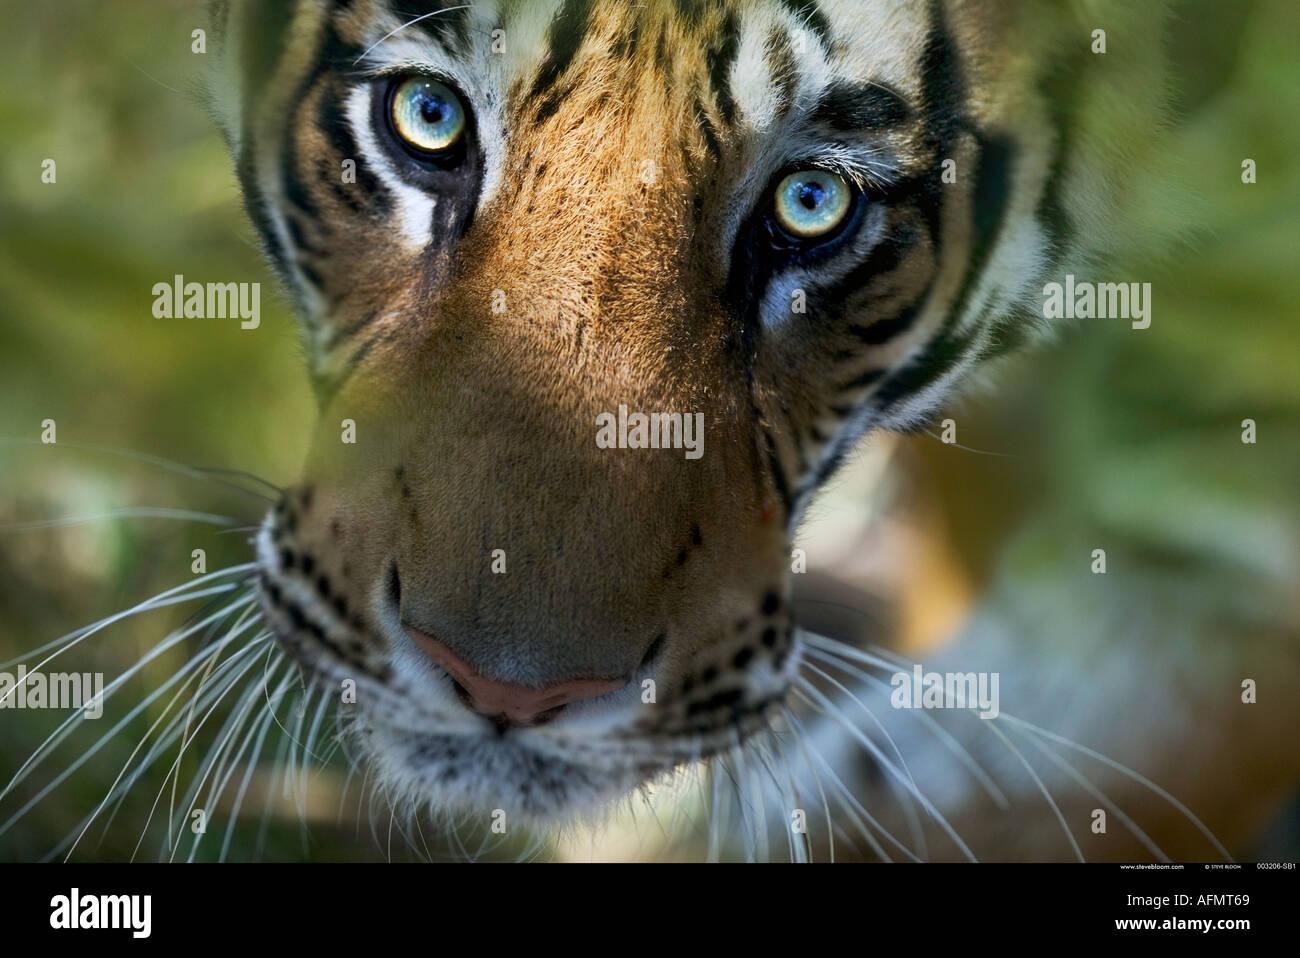 Tigre del Bengala cercando Bandhavgarh India Immagini Stock